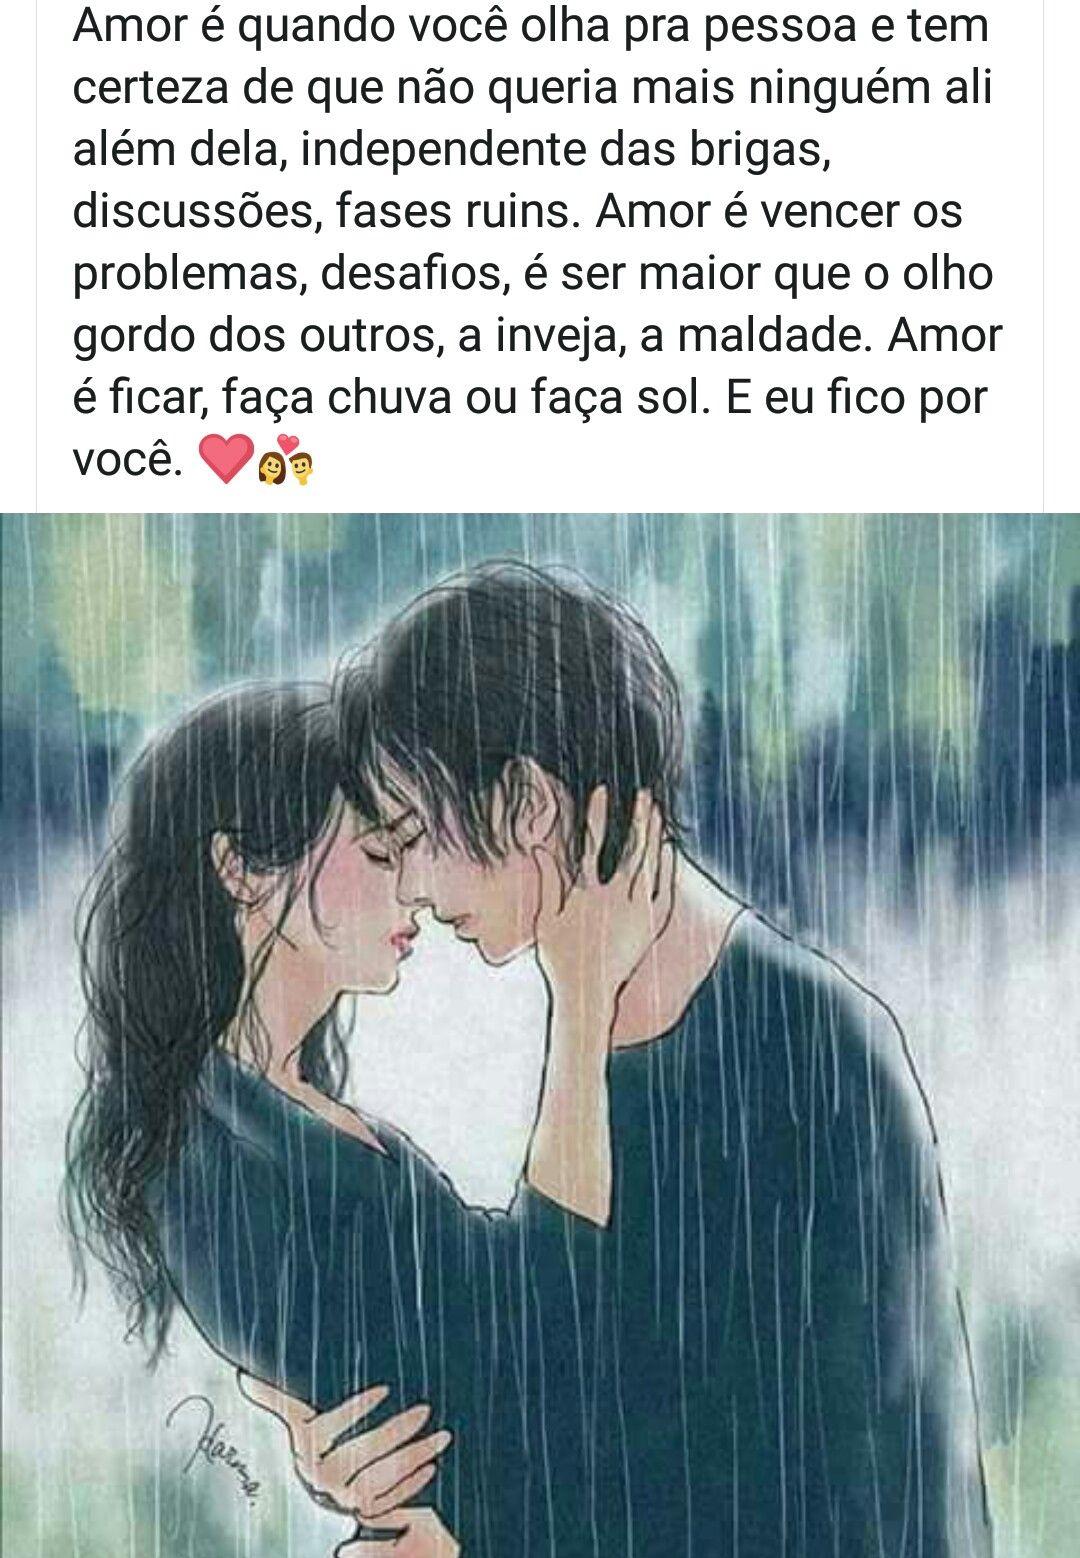 Pin De Gabrielle Lima Em Para Pensar Amor Frases De Amor Namorada